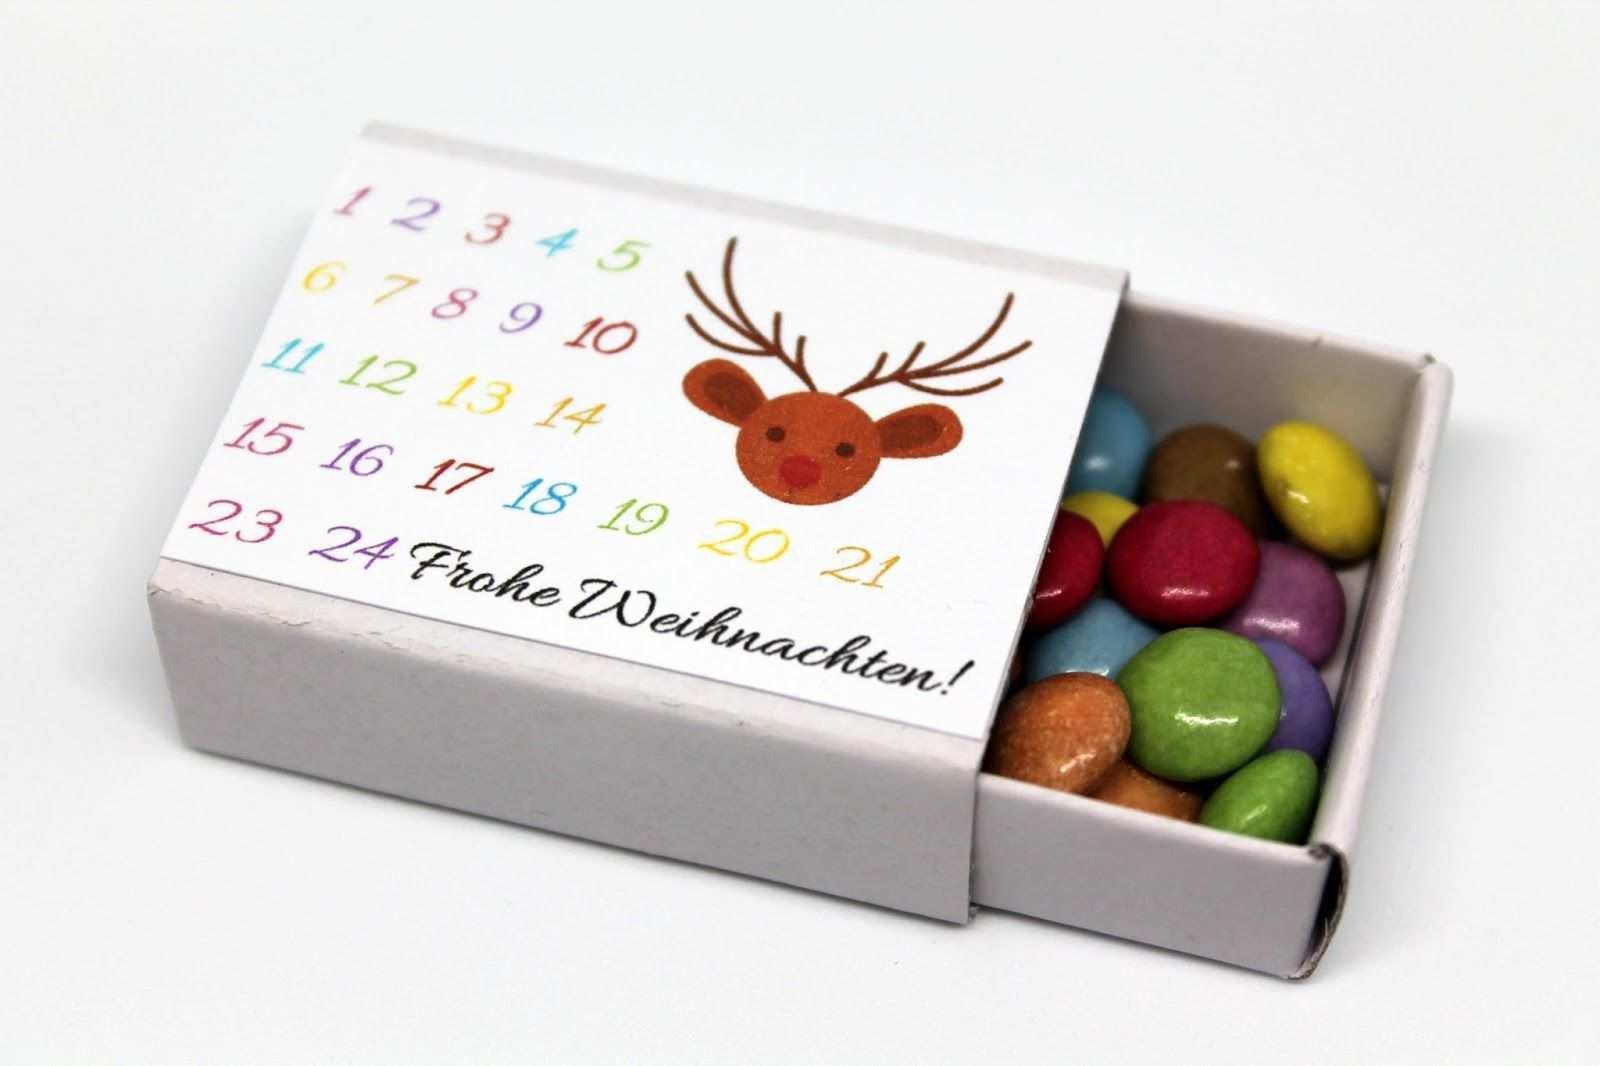 Diy Adventskiste Adventskalender In Einer Kiste Selber Machen Diycarinchen Diy Blog Streichholzschachteln Geschenke Im Glas Basteln Adventkalender